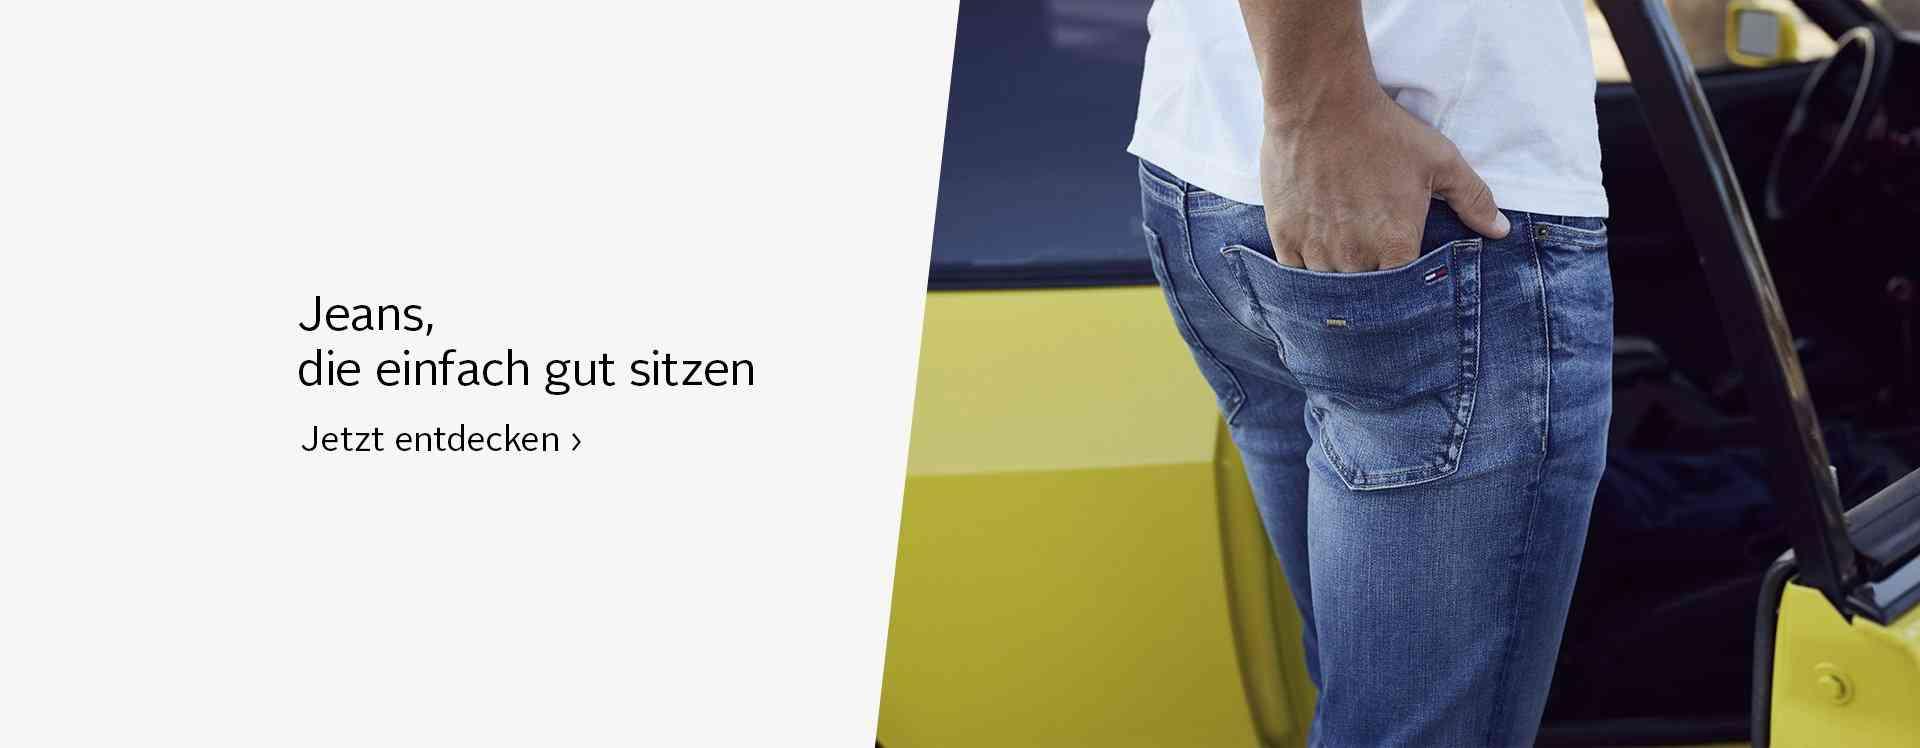 Starke Marken für starke Männer- tolle Farben und angesagte Schnitte für jeden Stil. Entdecken Sie сейчас unsere Auswahl an Jeans!